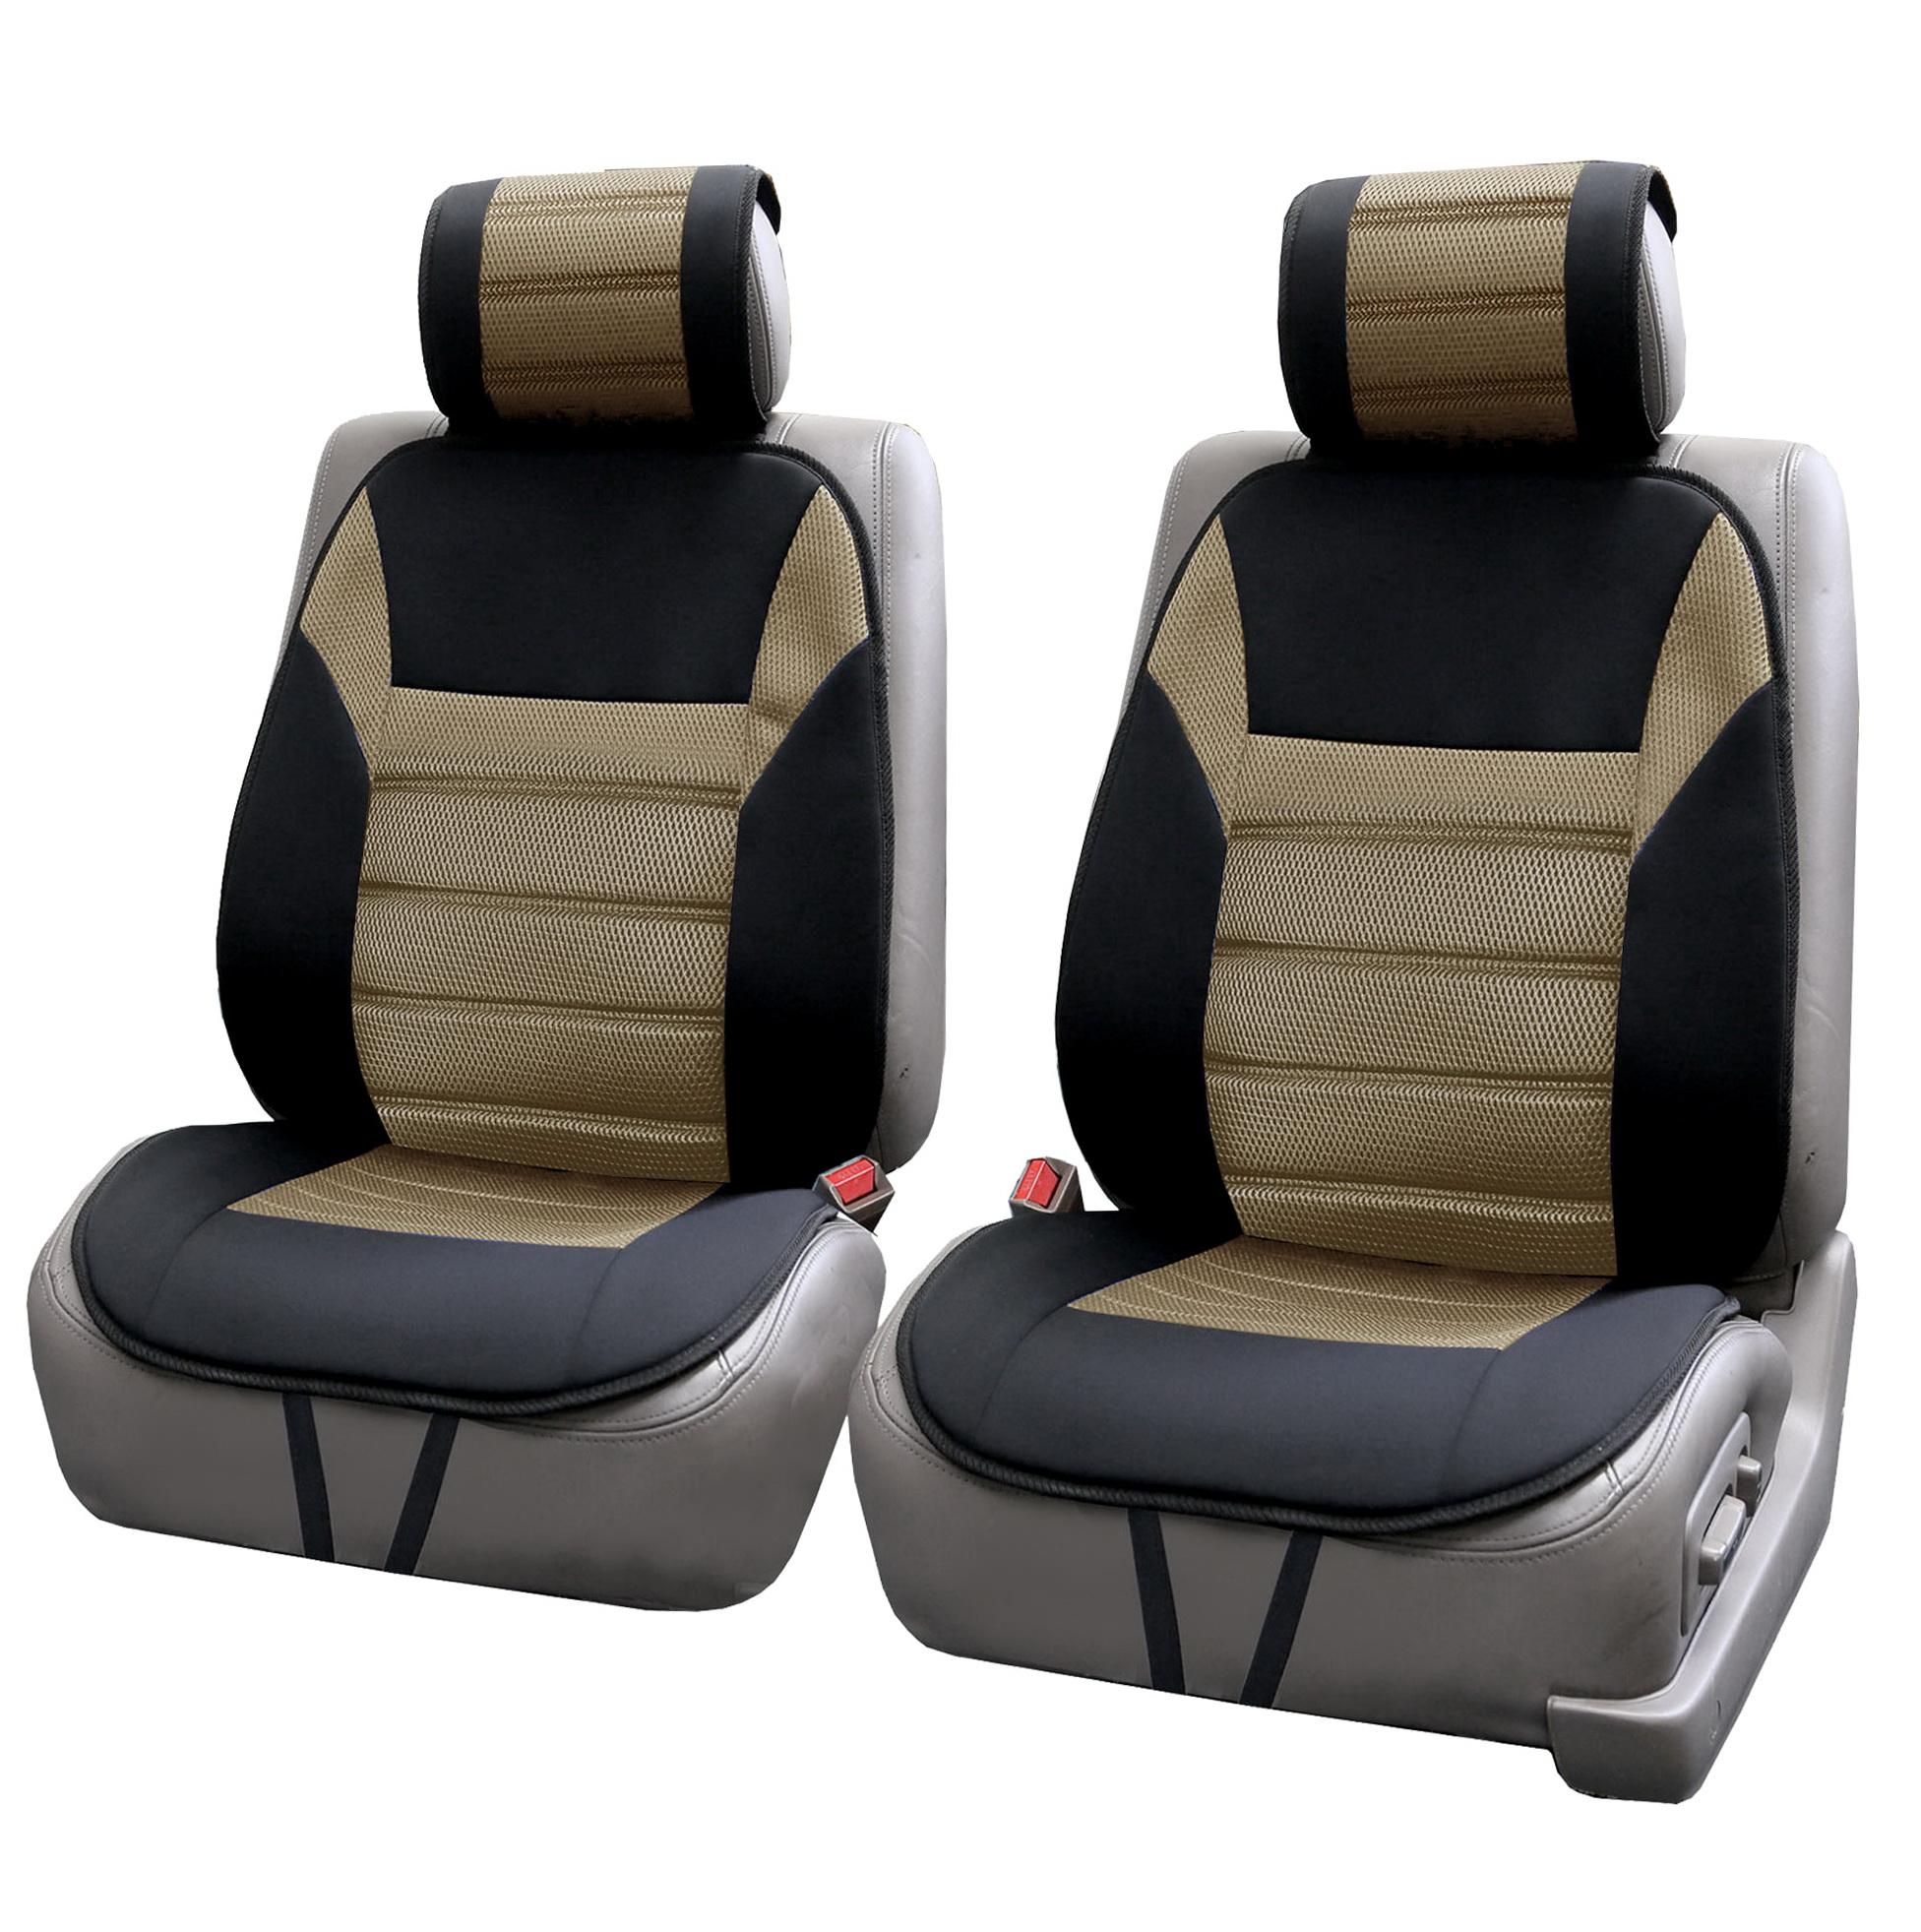 Air Cushion Vehicle Design